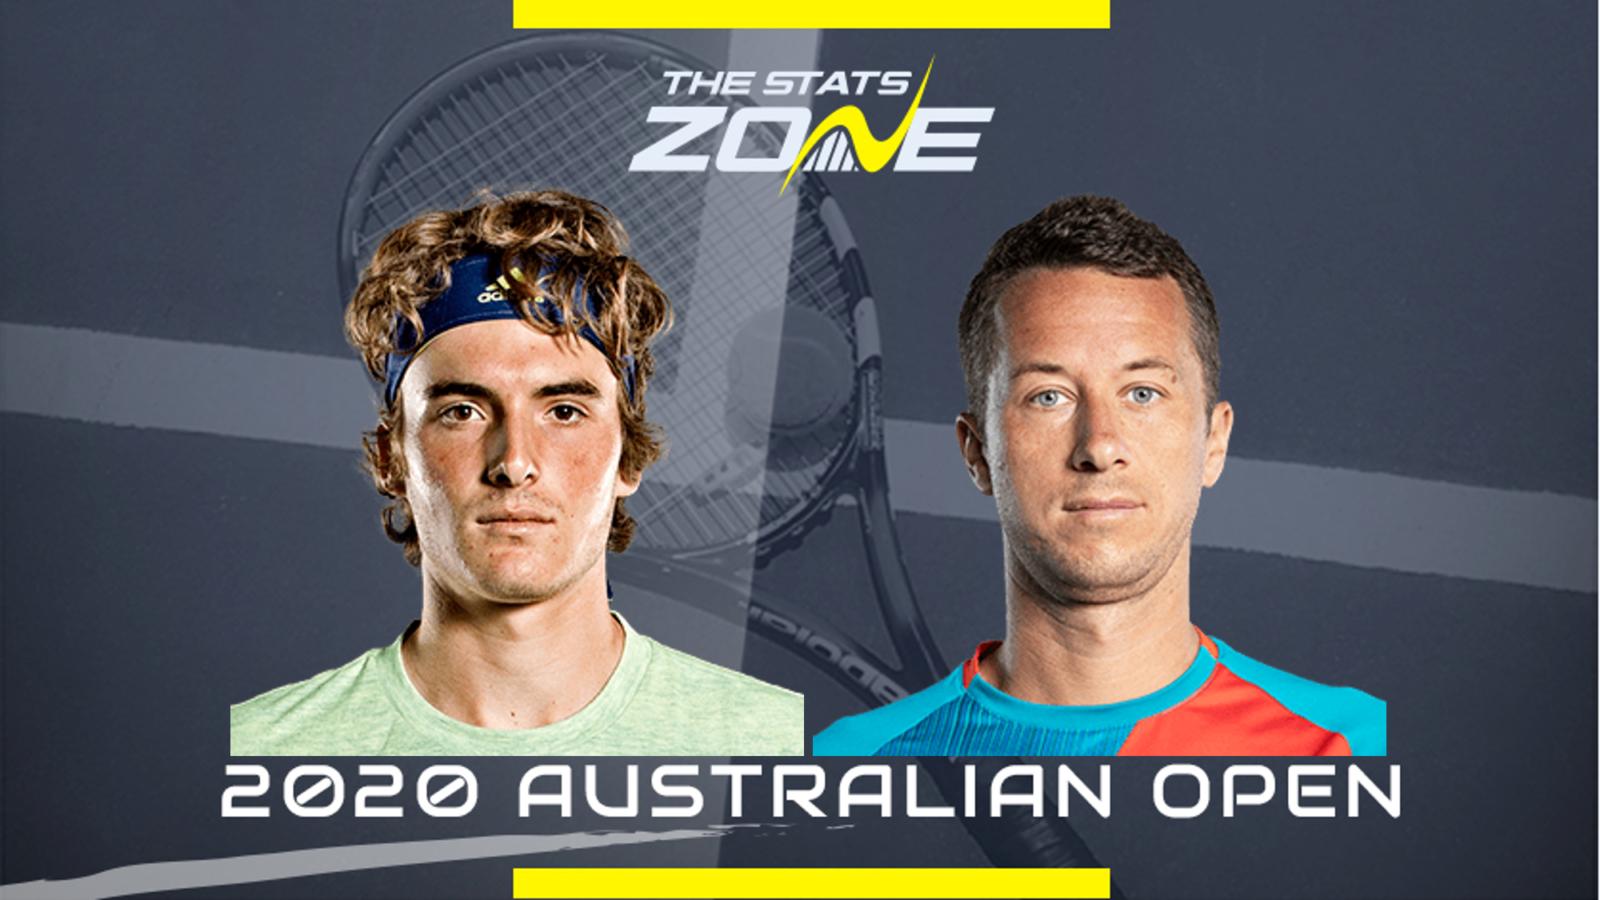 2020 Australian Open Stefanos Tsitsipas Vs Philipp Kohlschreiber Preview Prediction The Stats Zone